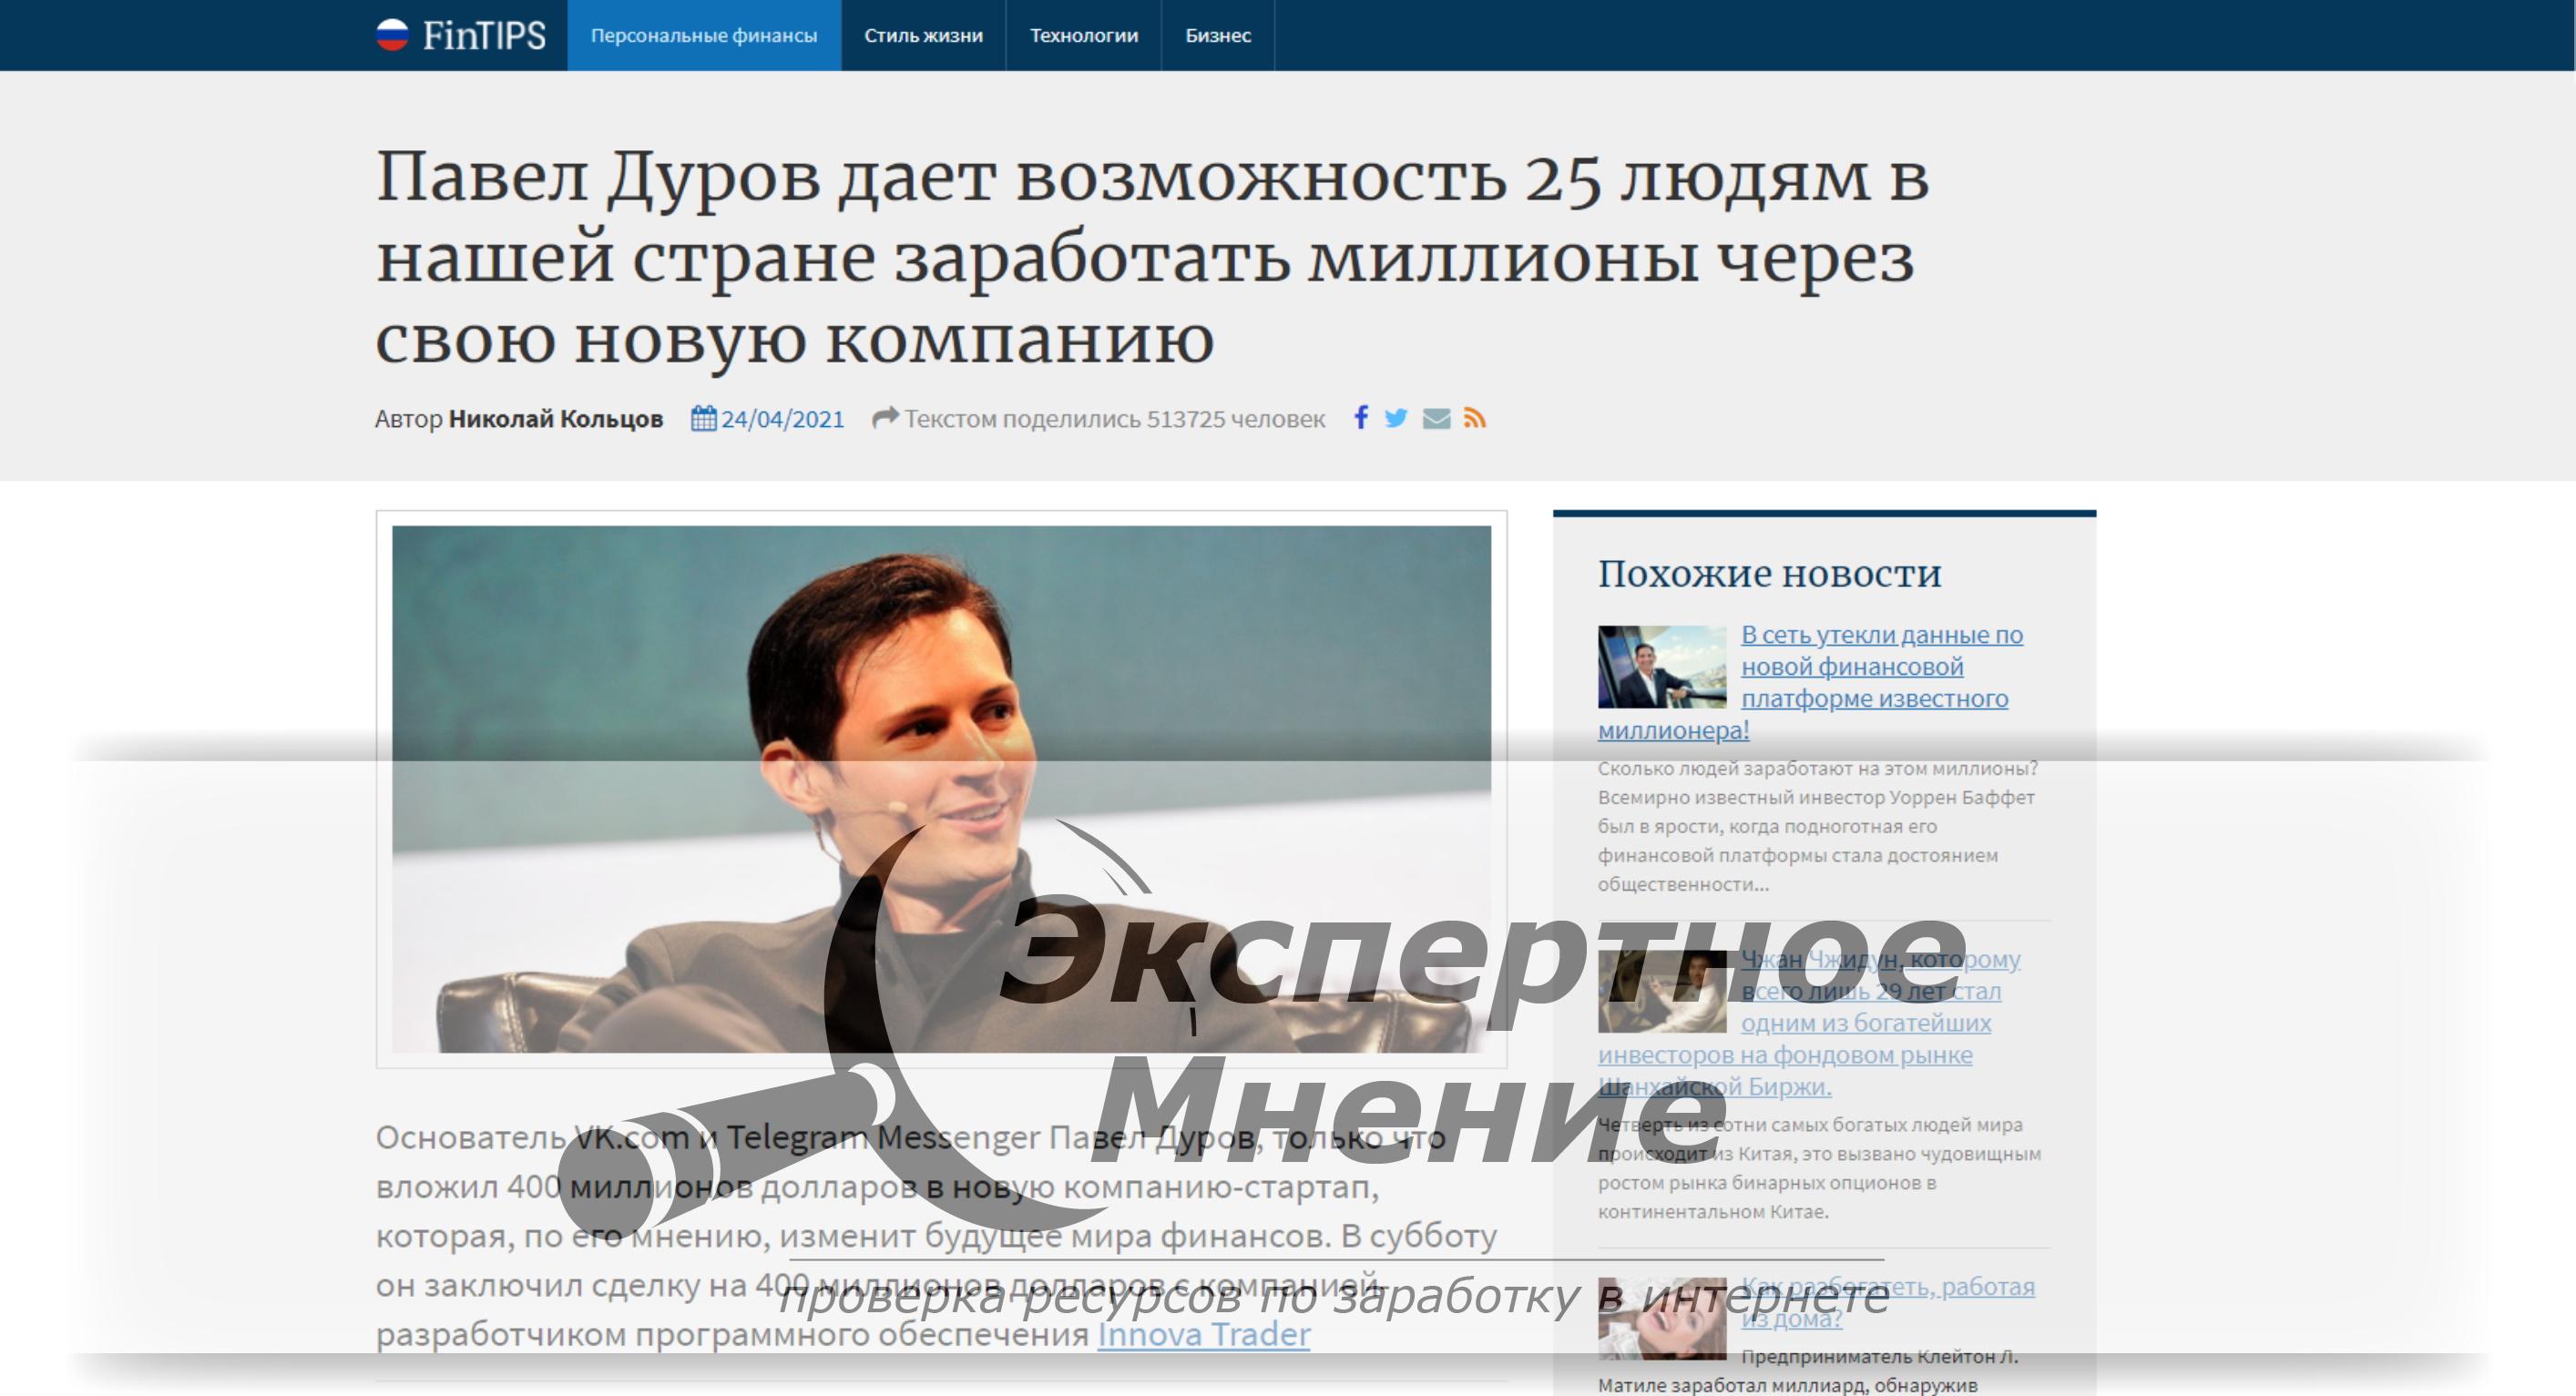 Павел Дуров с Innova Trader Atlassian с транзакция в сумме 81 239 руб